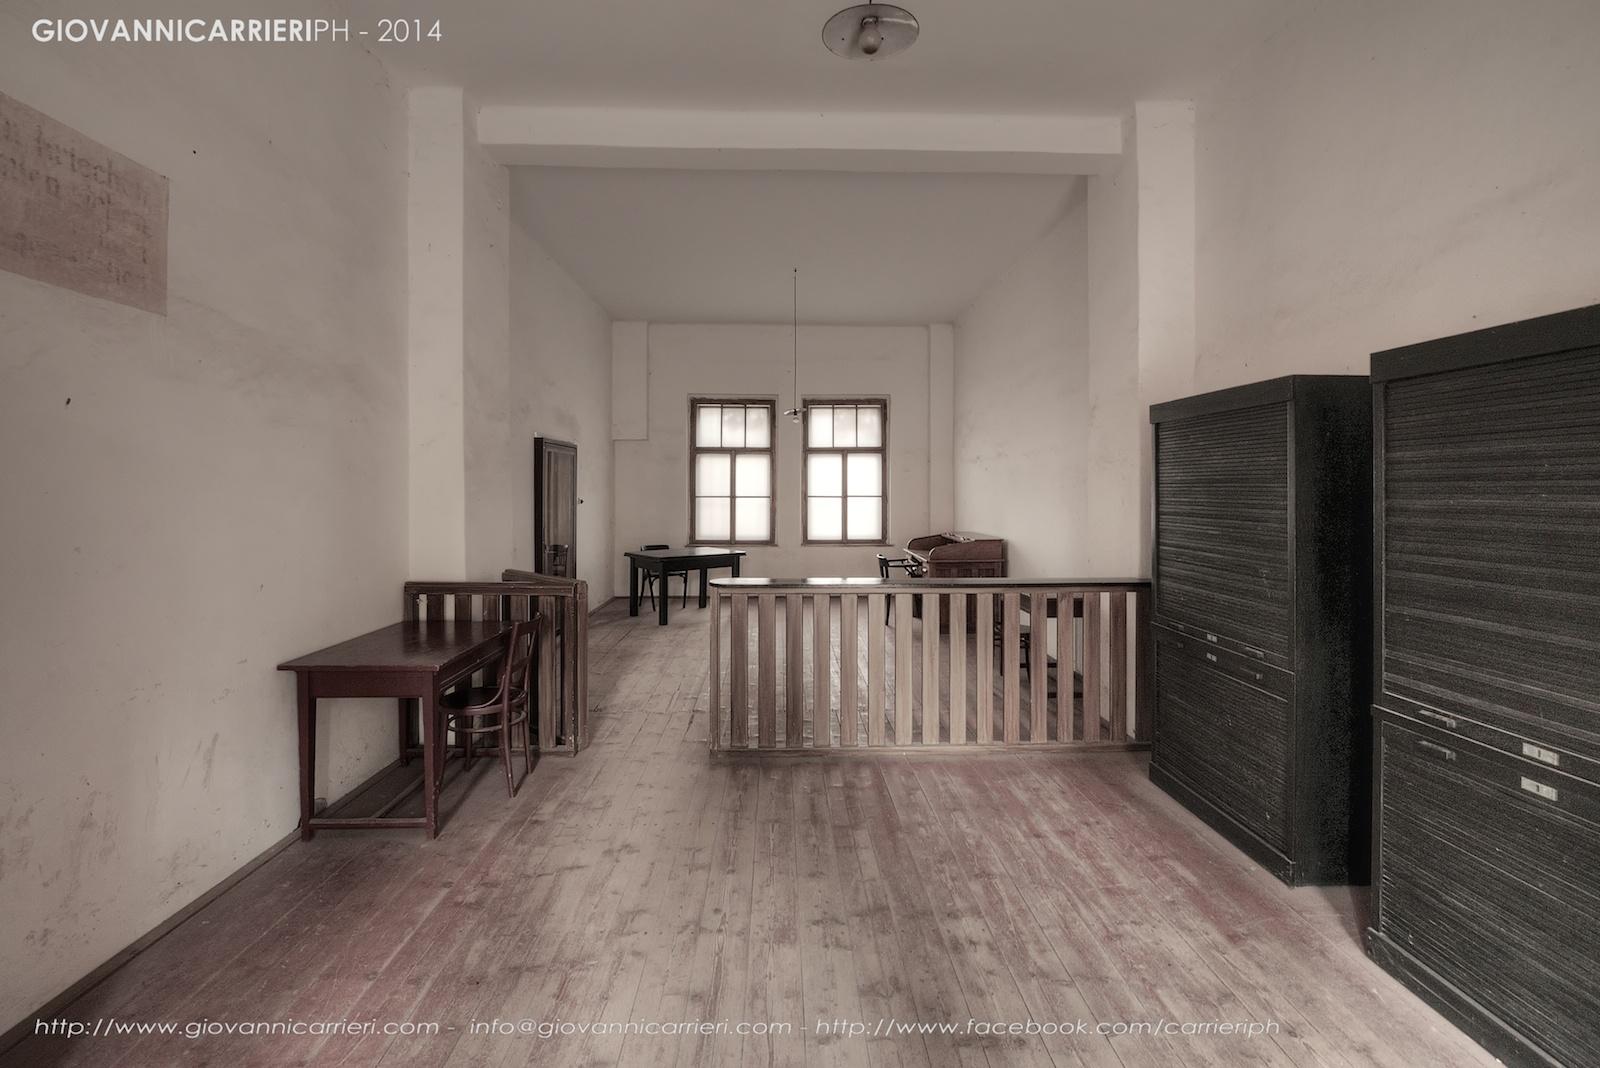 La guardiola dove si tenevano gli interrogatori e si censurava la posta - Theresienstadt